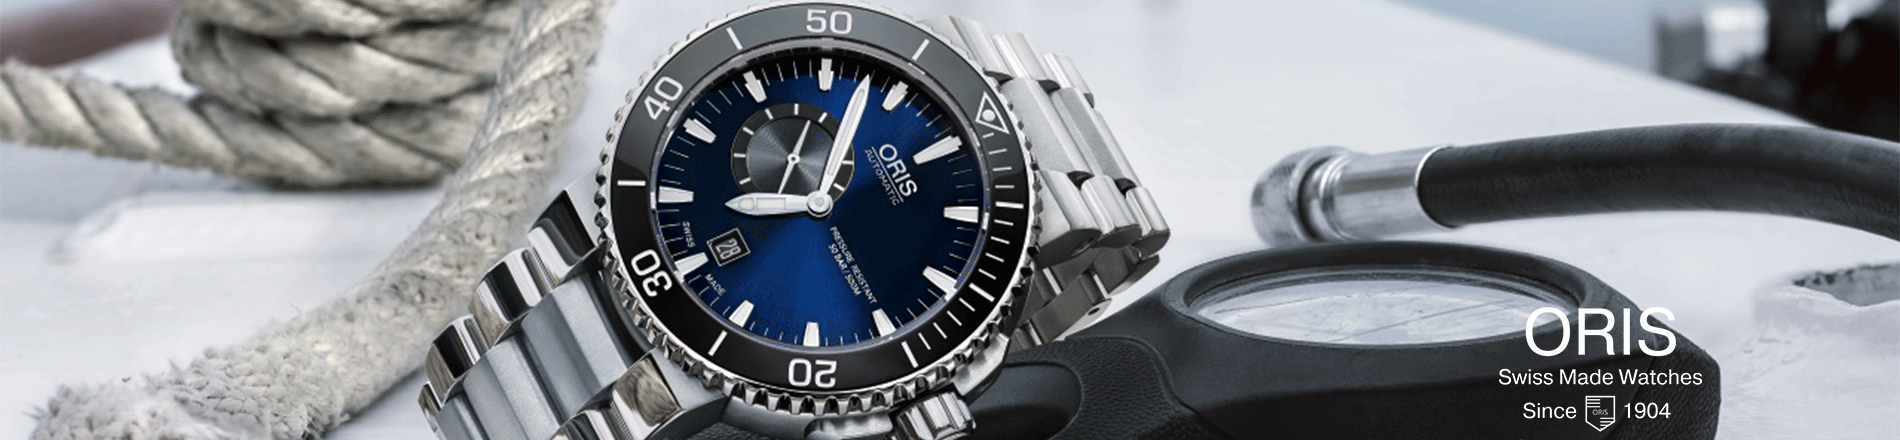 15% RABAT på Oris ure – Schweizisk præcision brug rabatkoden ORIS15